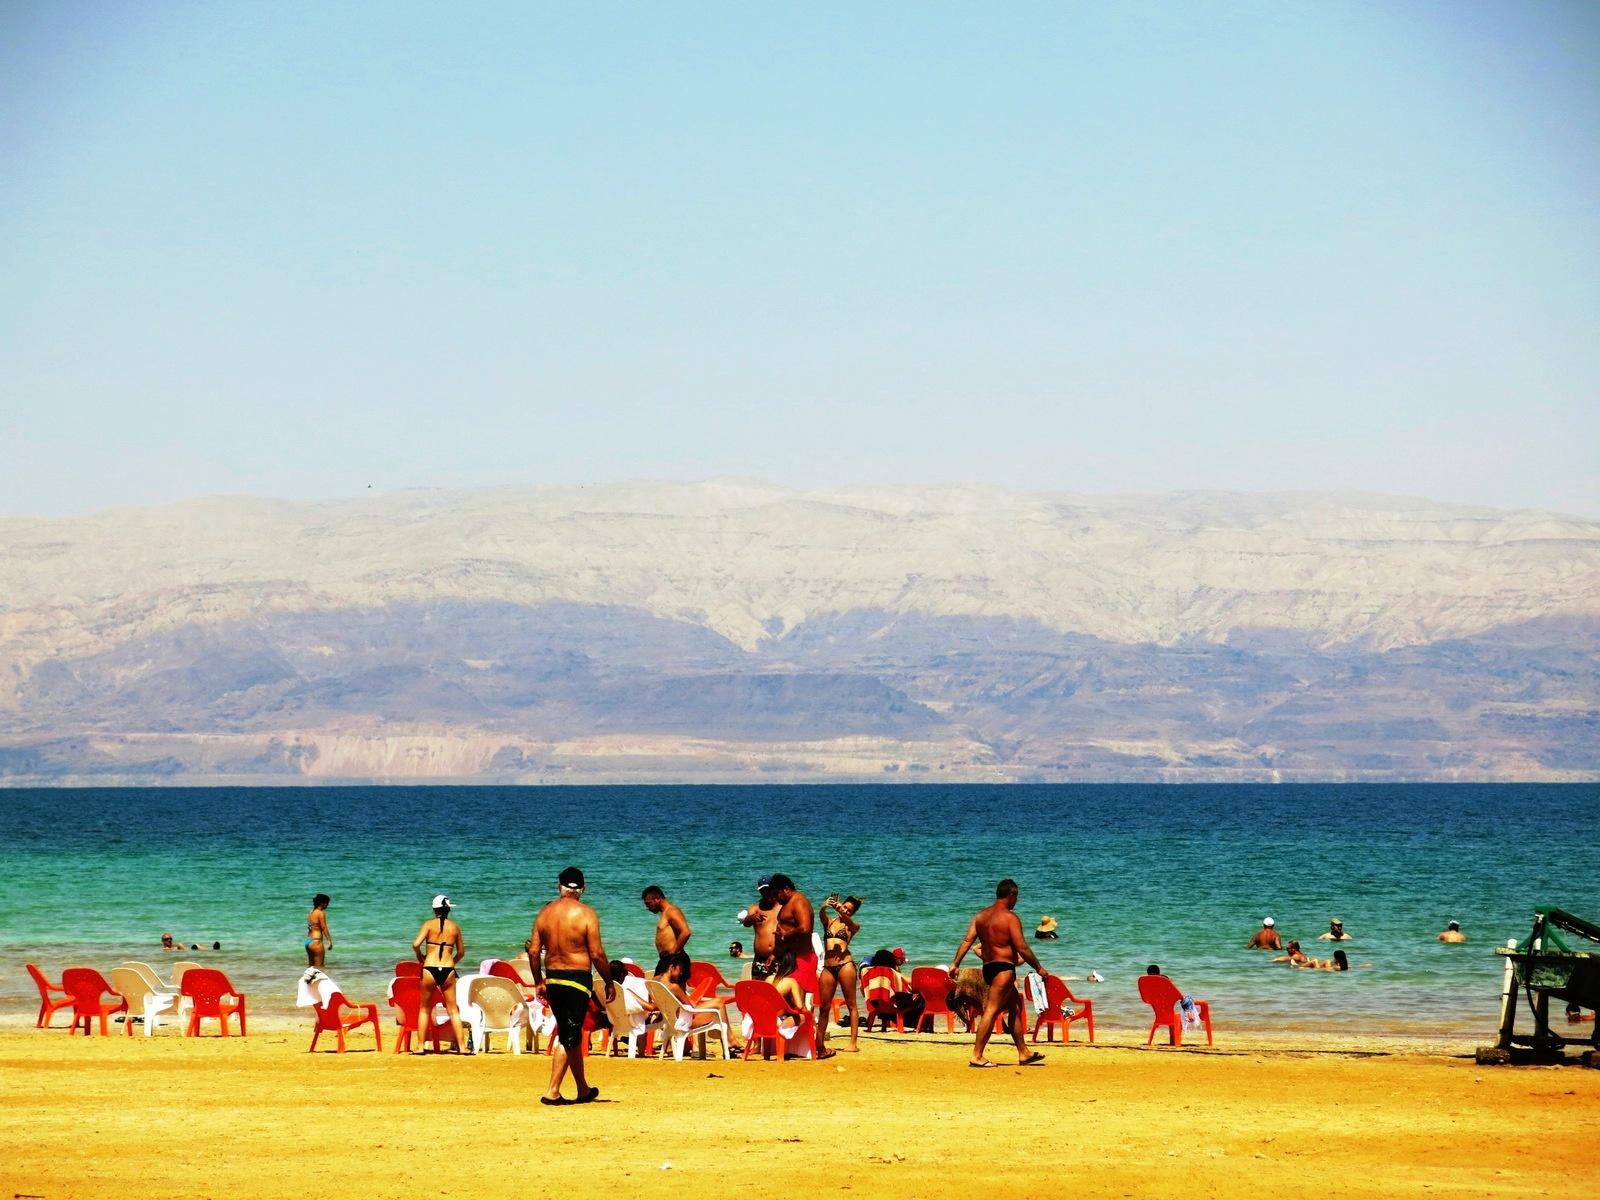 terre sainte israel monuments et lieux Mer Morte